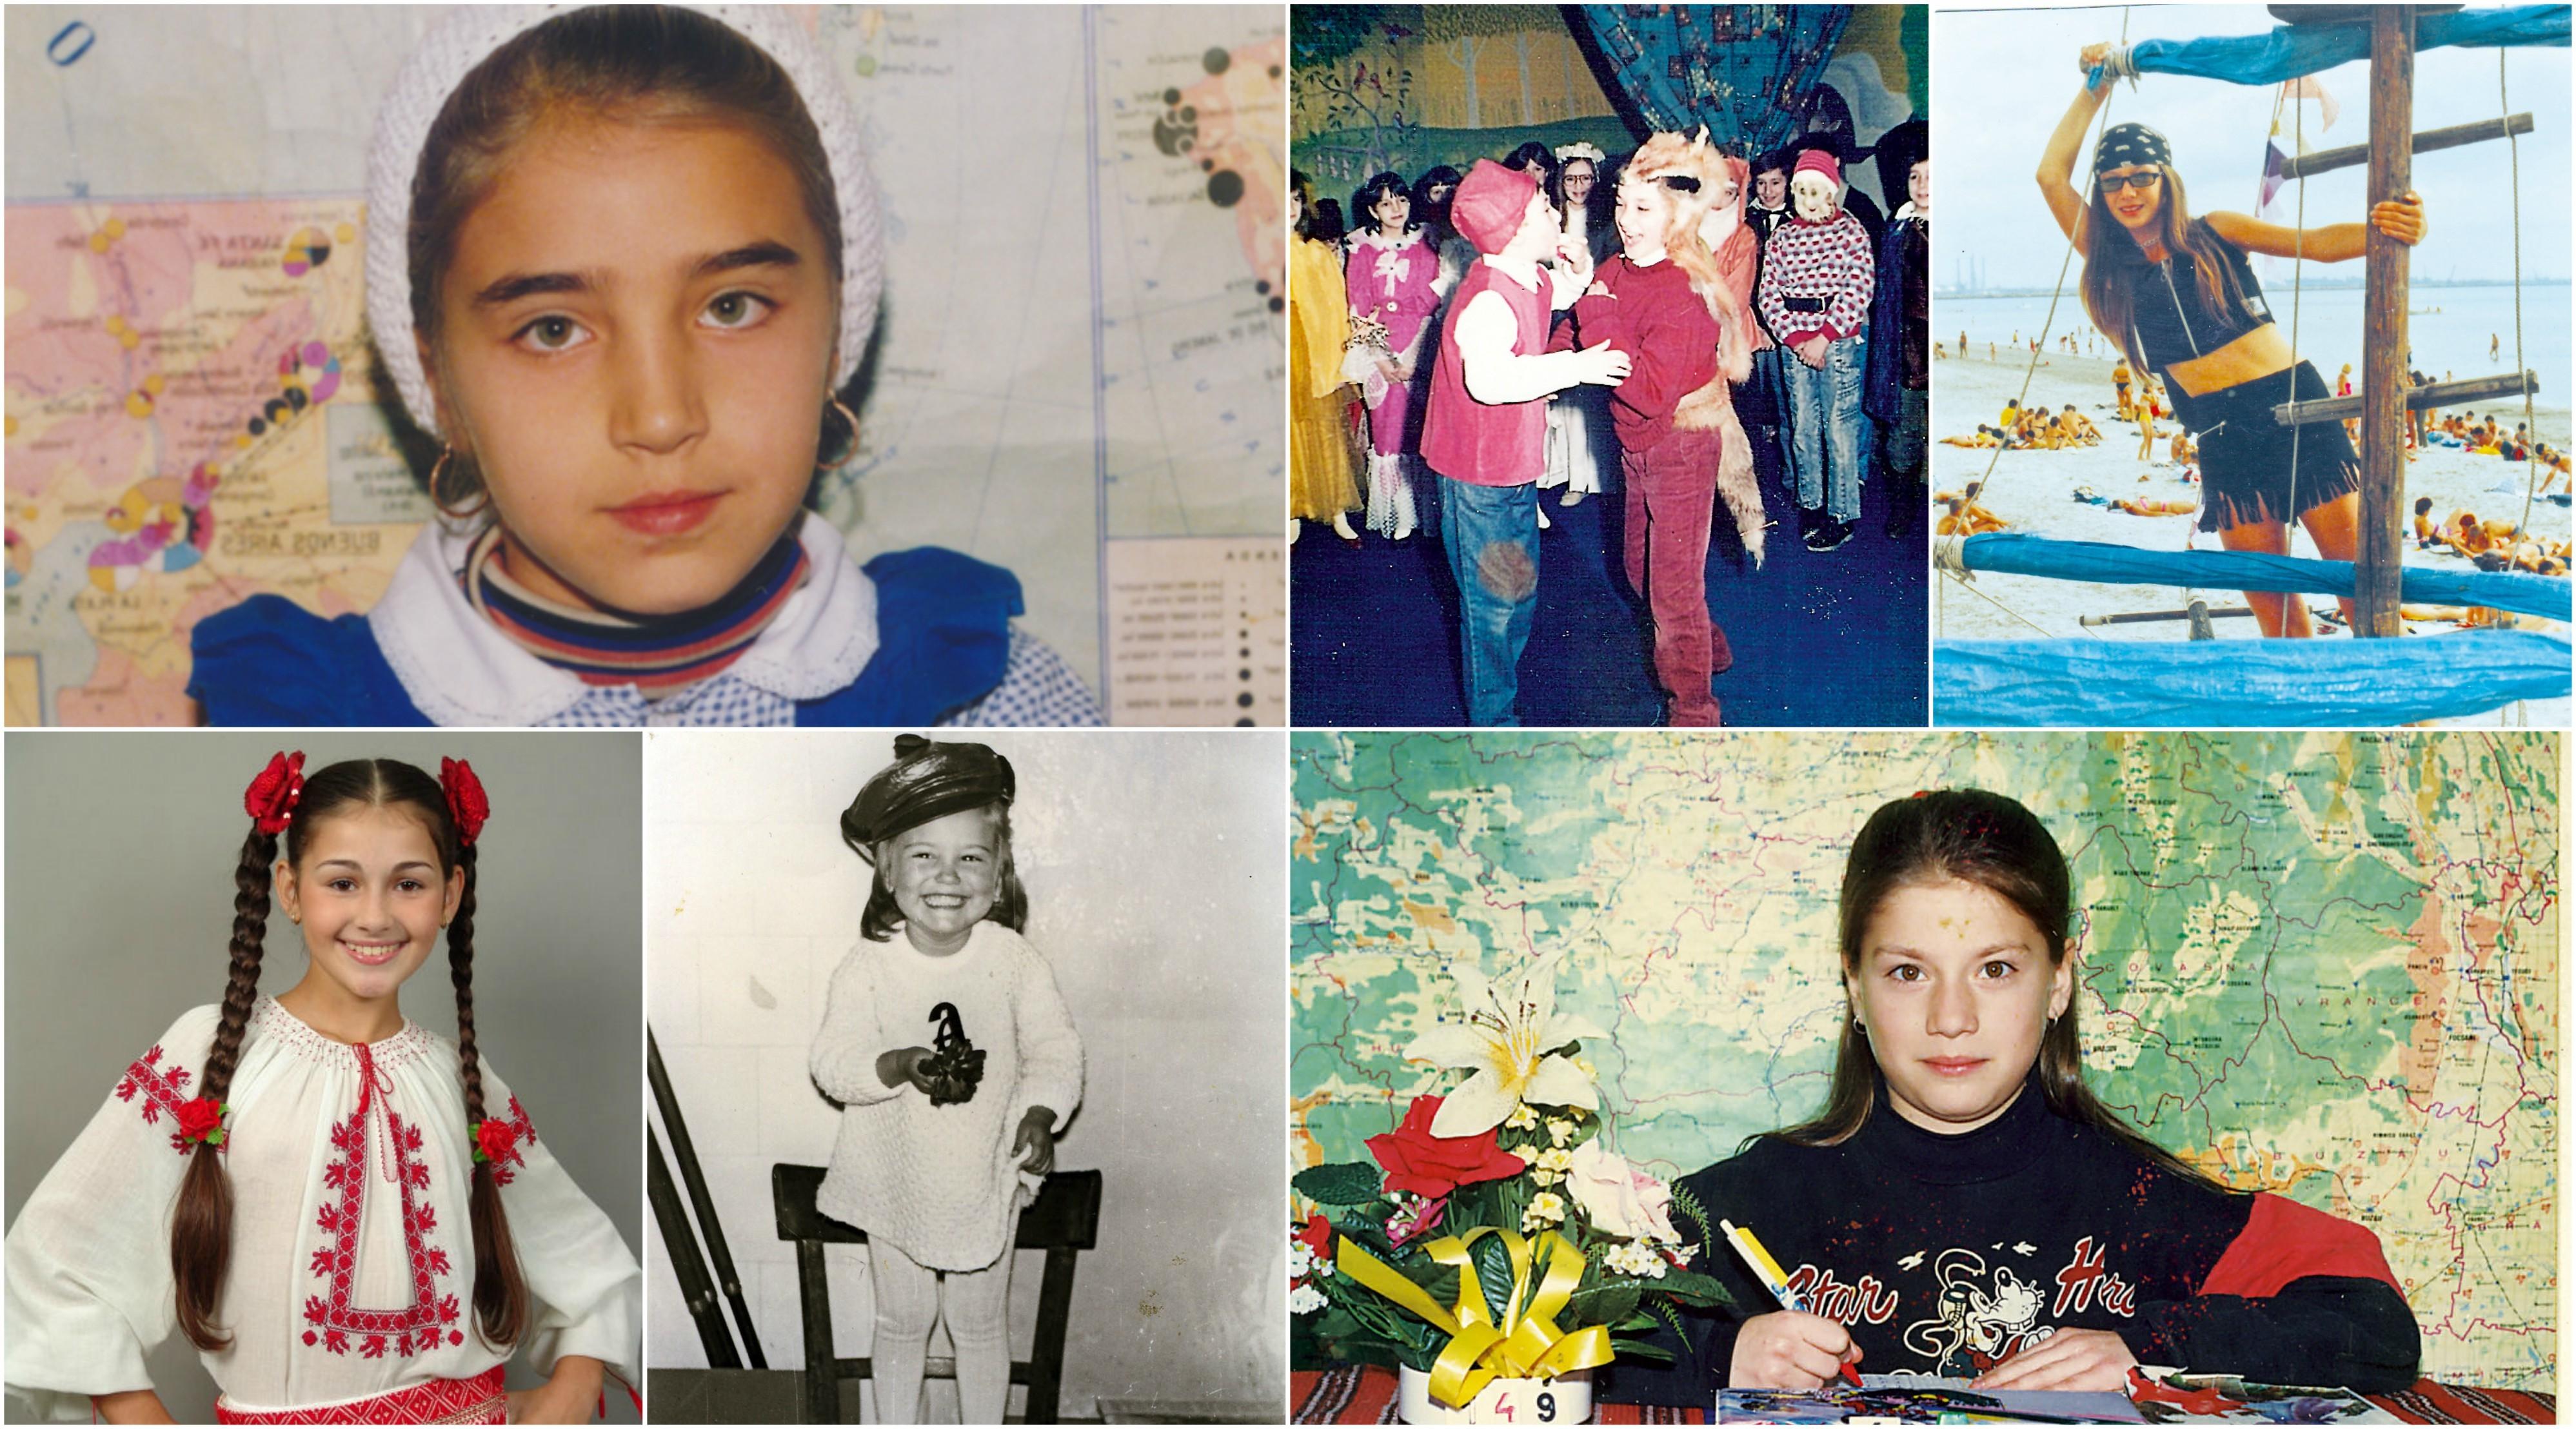 De la stânga, sus: Adelina Pestriţu, Octavian Strunilă, Adela Popescu, Alina Eremia, Andreea Esca, Tili Niculae